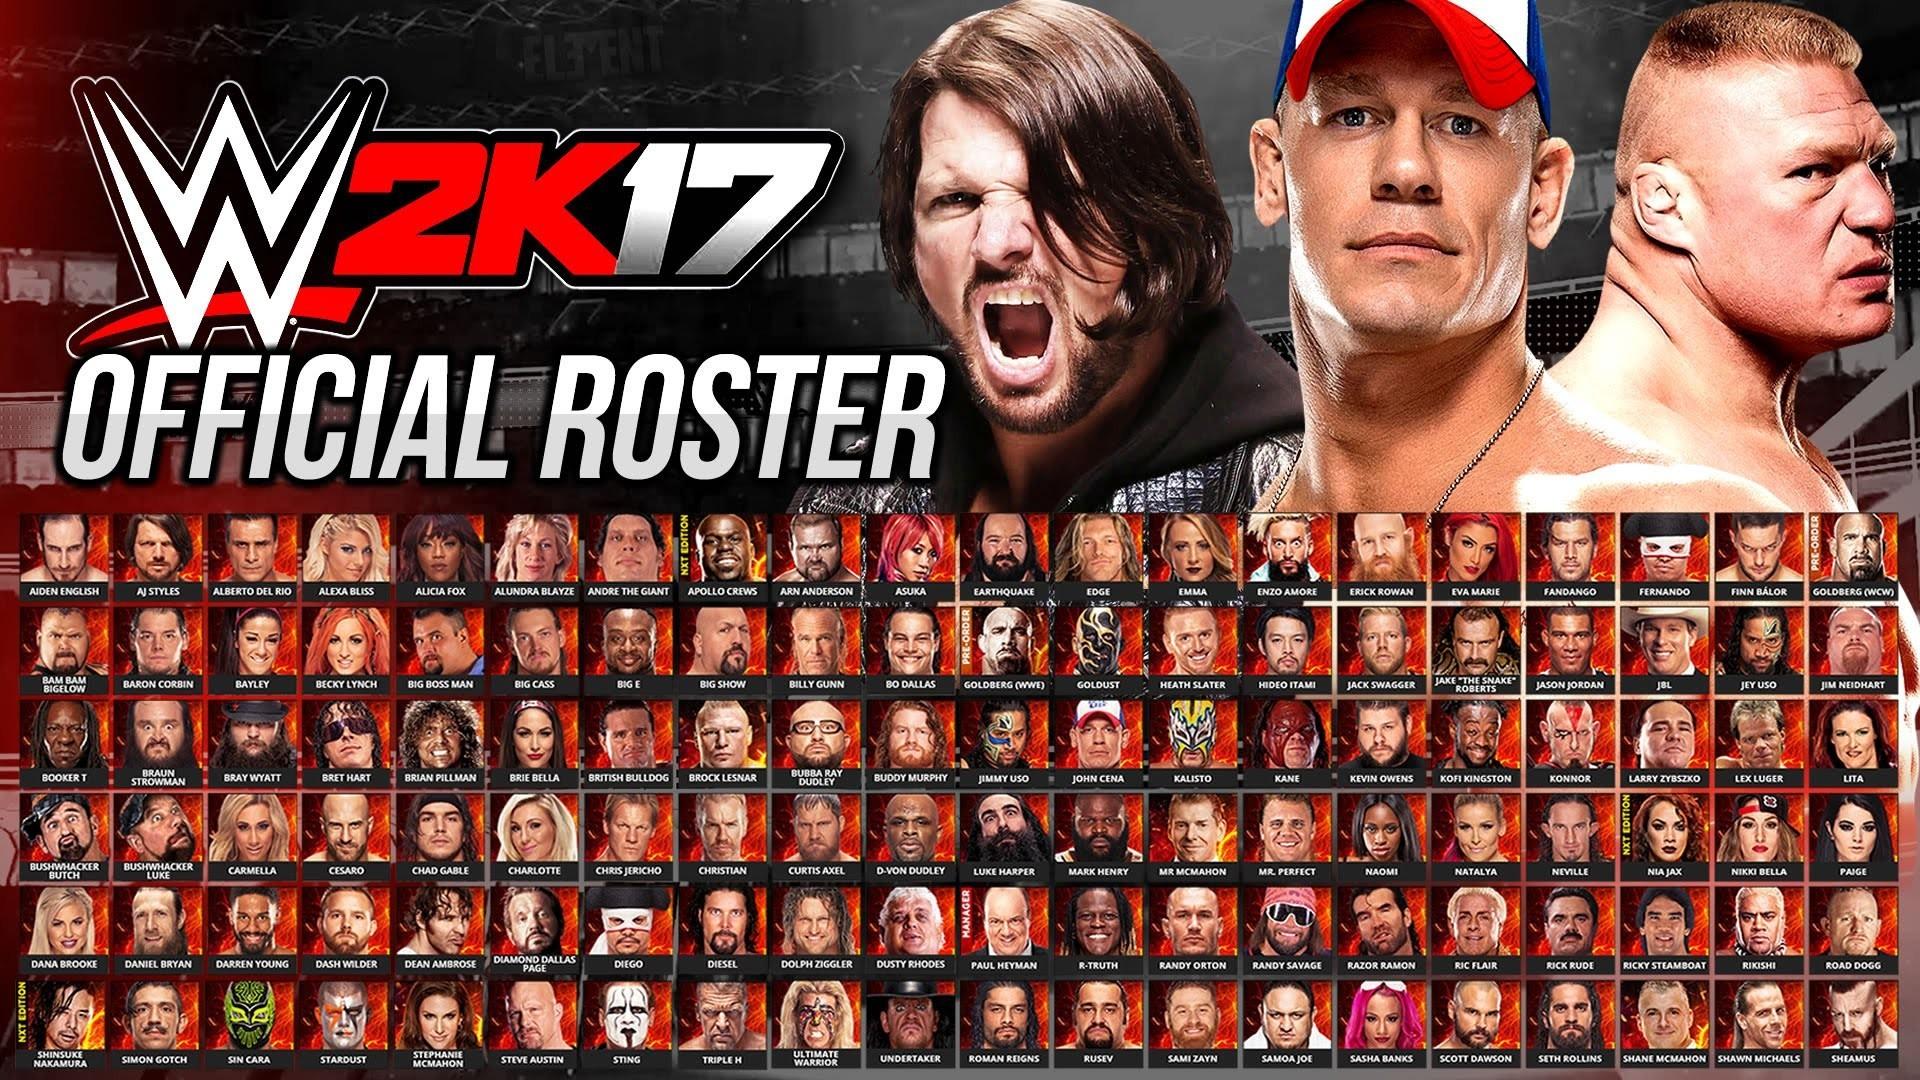 WWE 2K17 wallpapers best HD